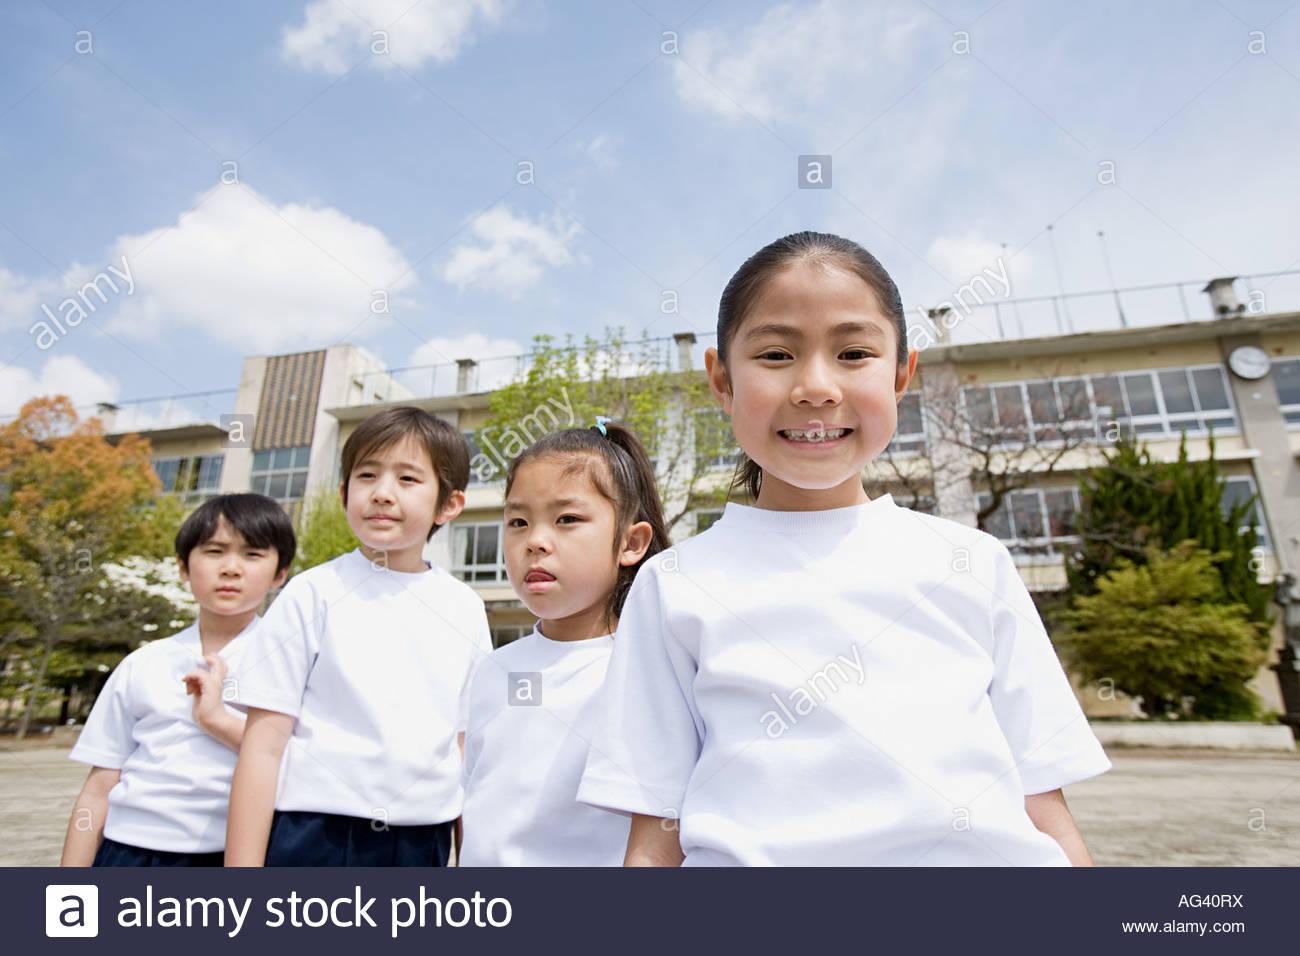 Portrait of school children - Stock Image